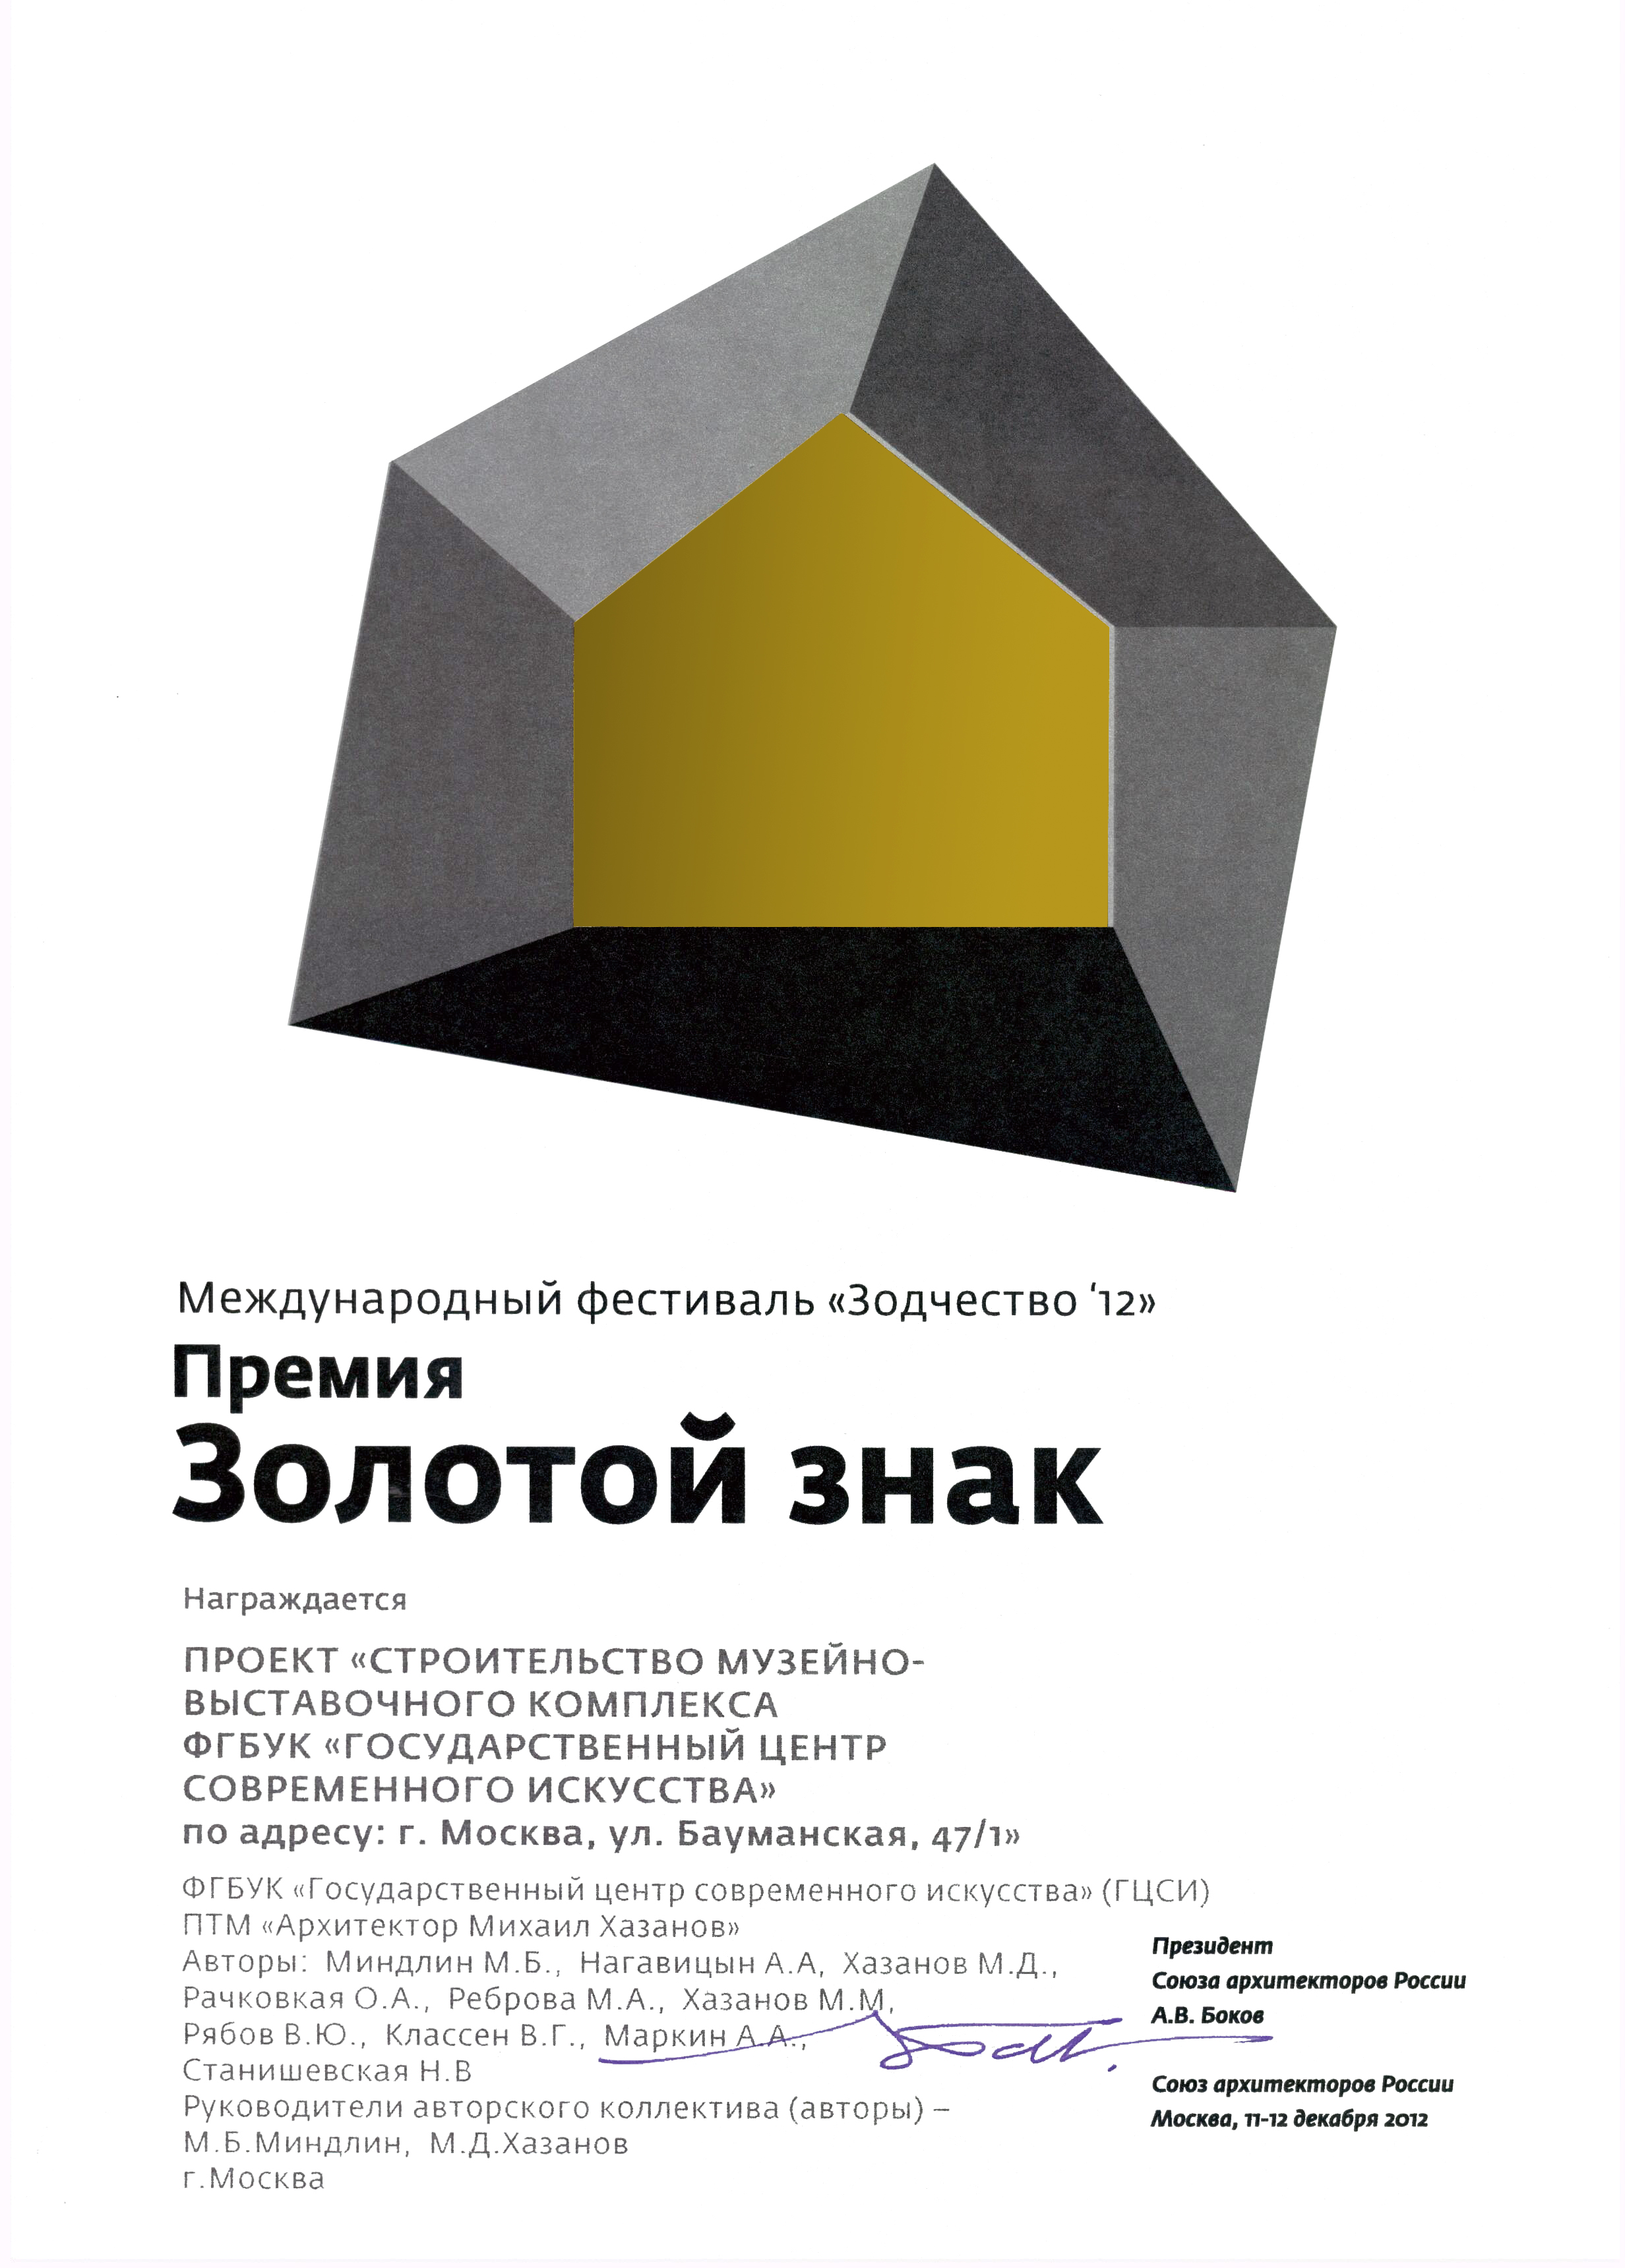 ГЦСИ Москва Проект здания ГЦСИ получил золотой диплом фестиваля  Проект здания ГЦСИ получил золотой диплом фестиваля архитектуры Зодчество